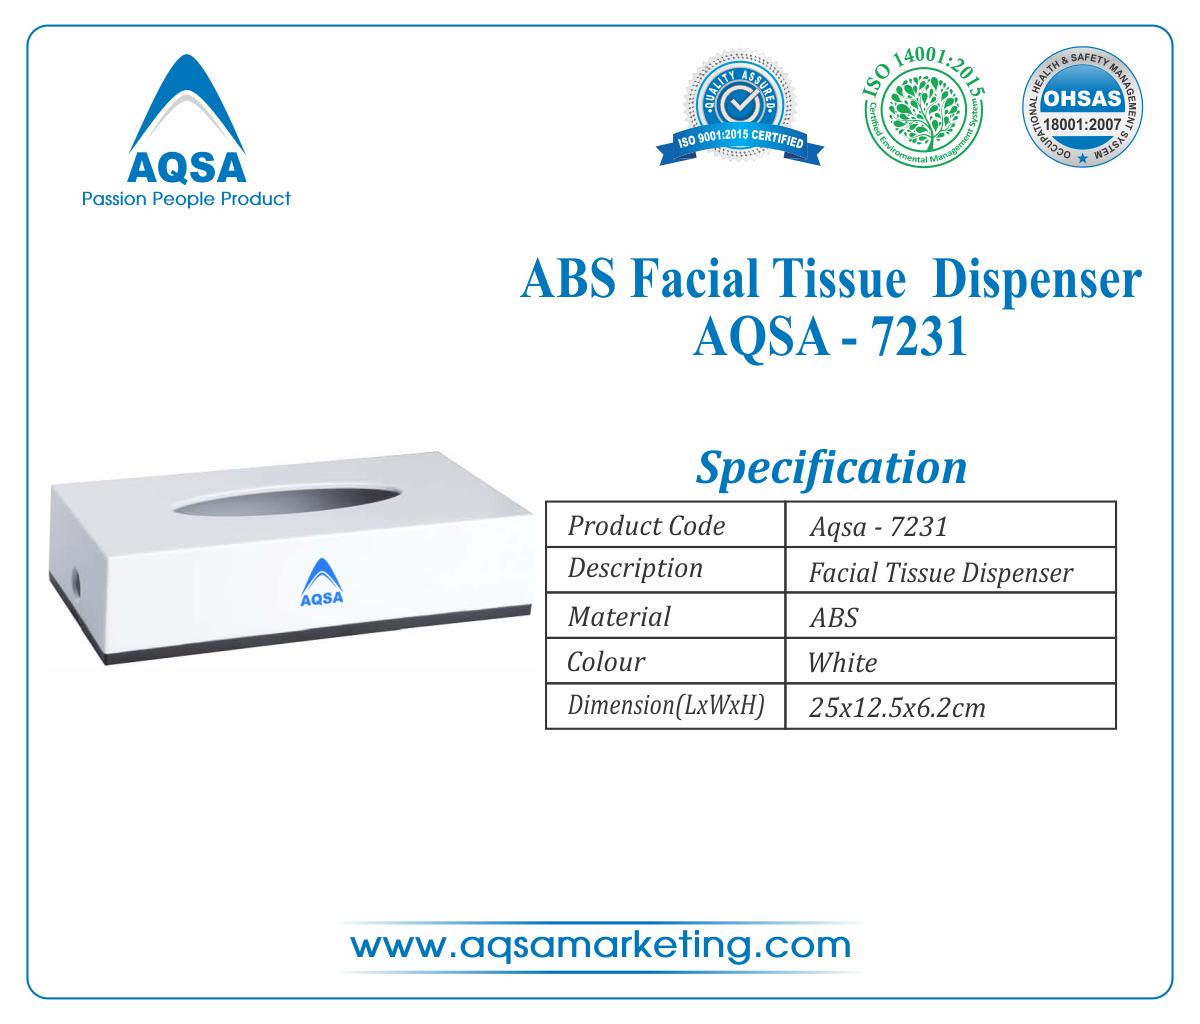 ABS Facial Tissue Dispenser AQSA-7231 image